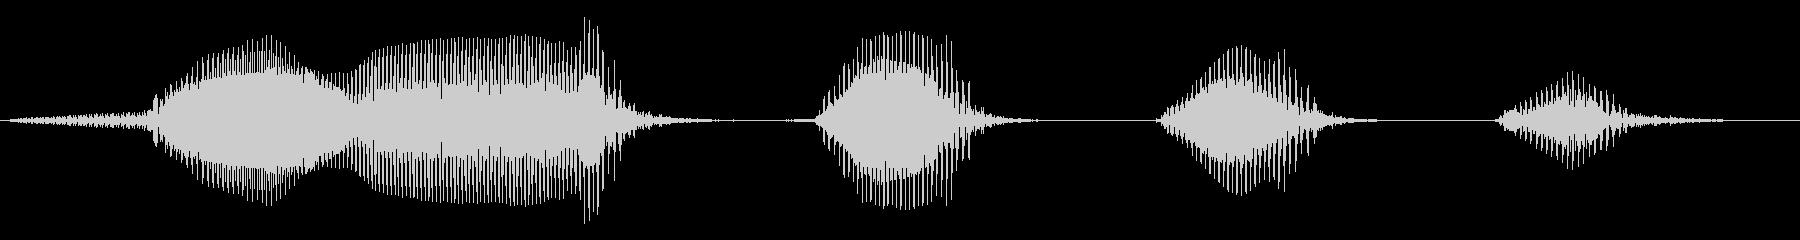 ナーッツッハッハッハの未再生の波形